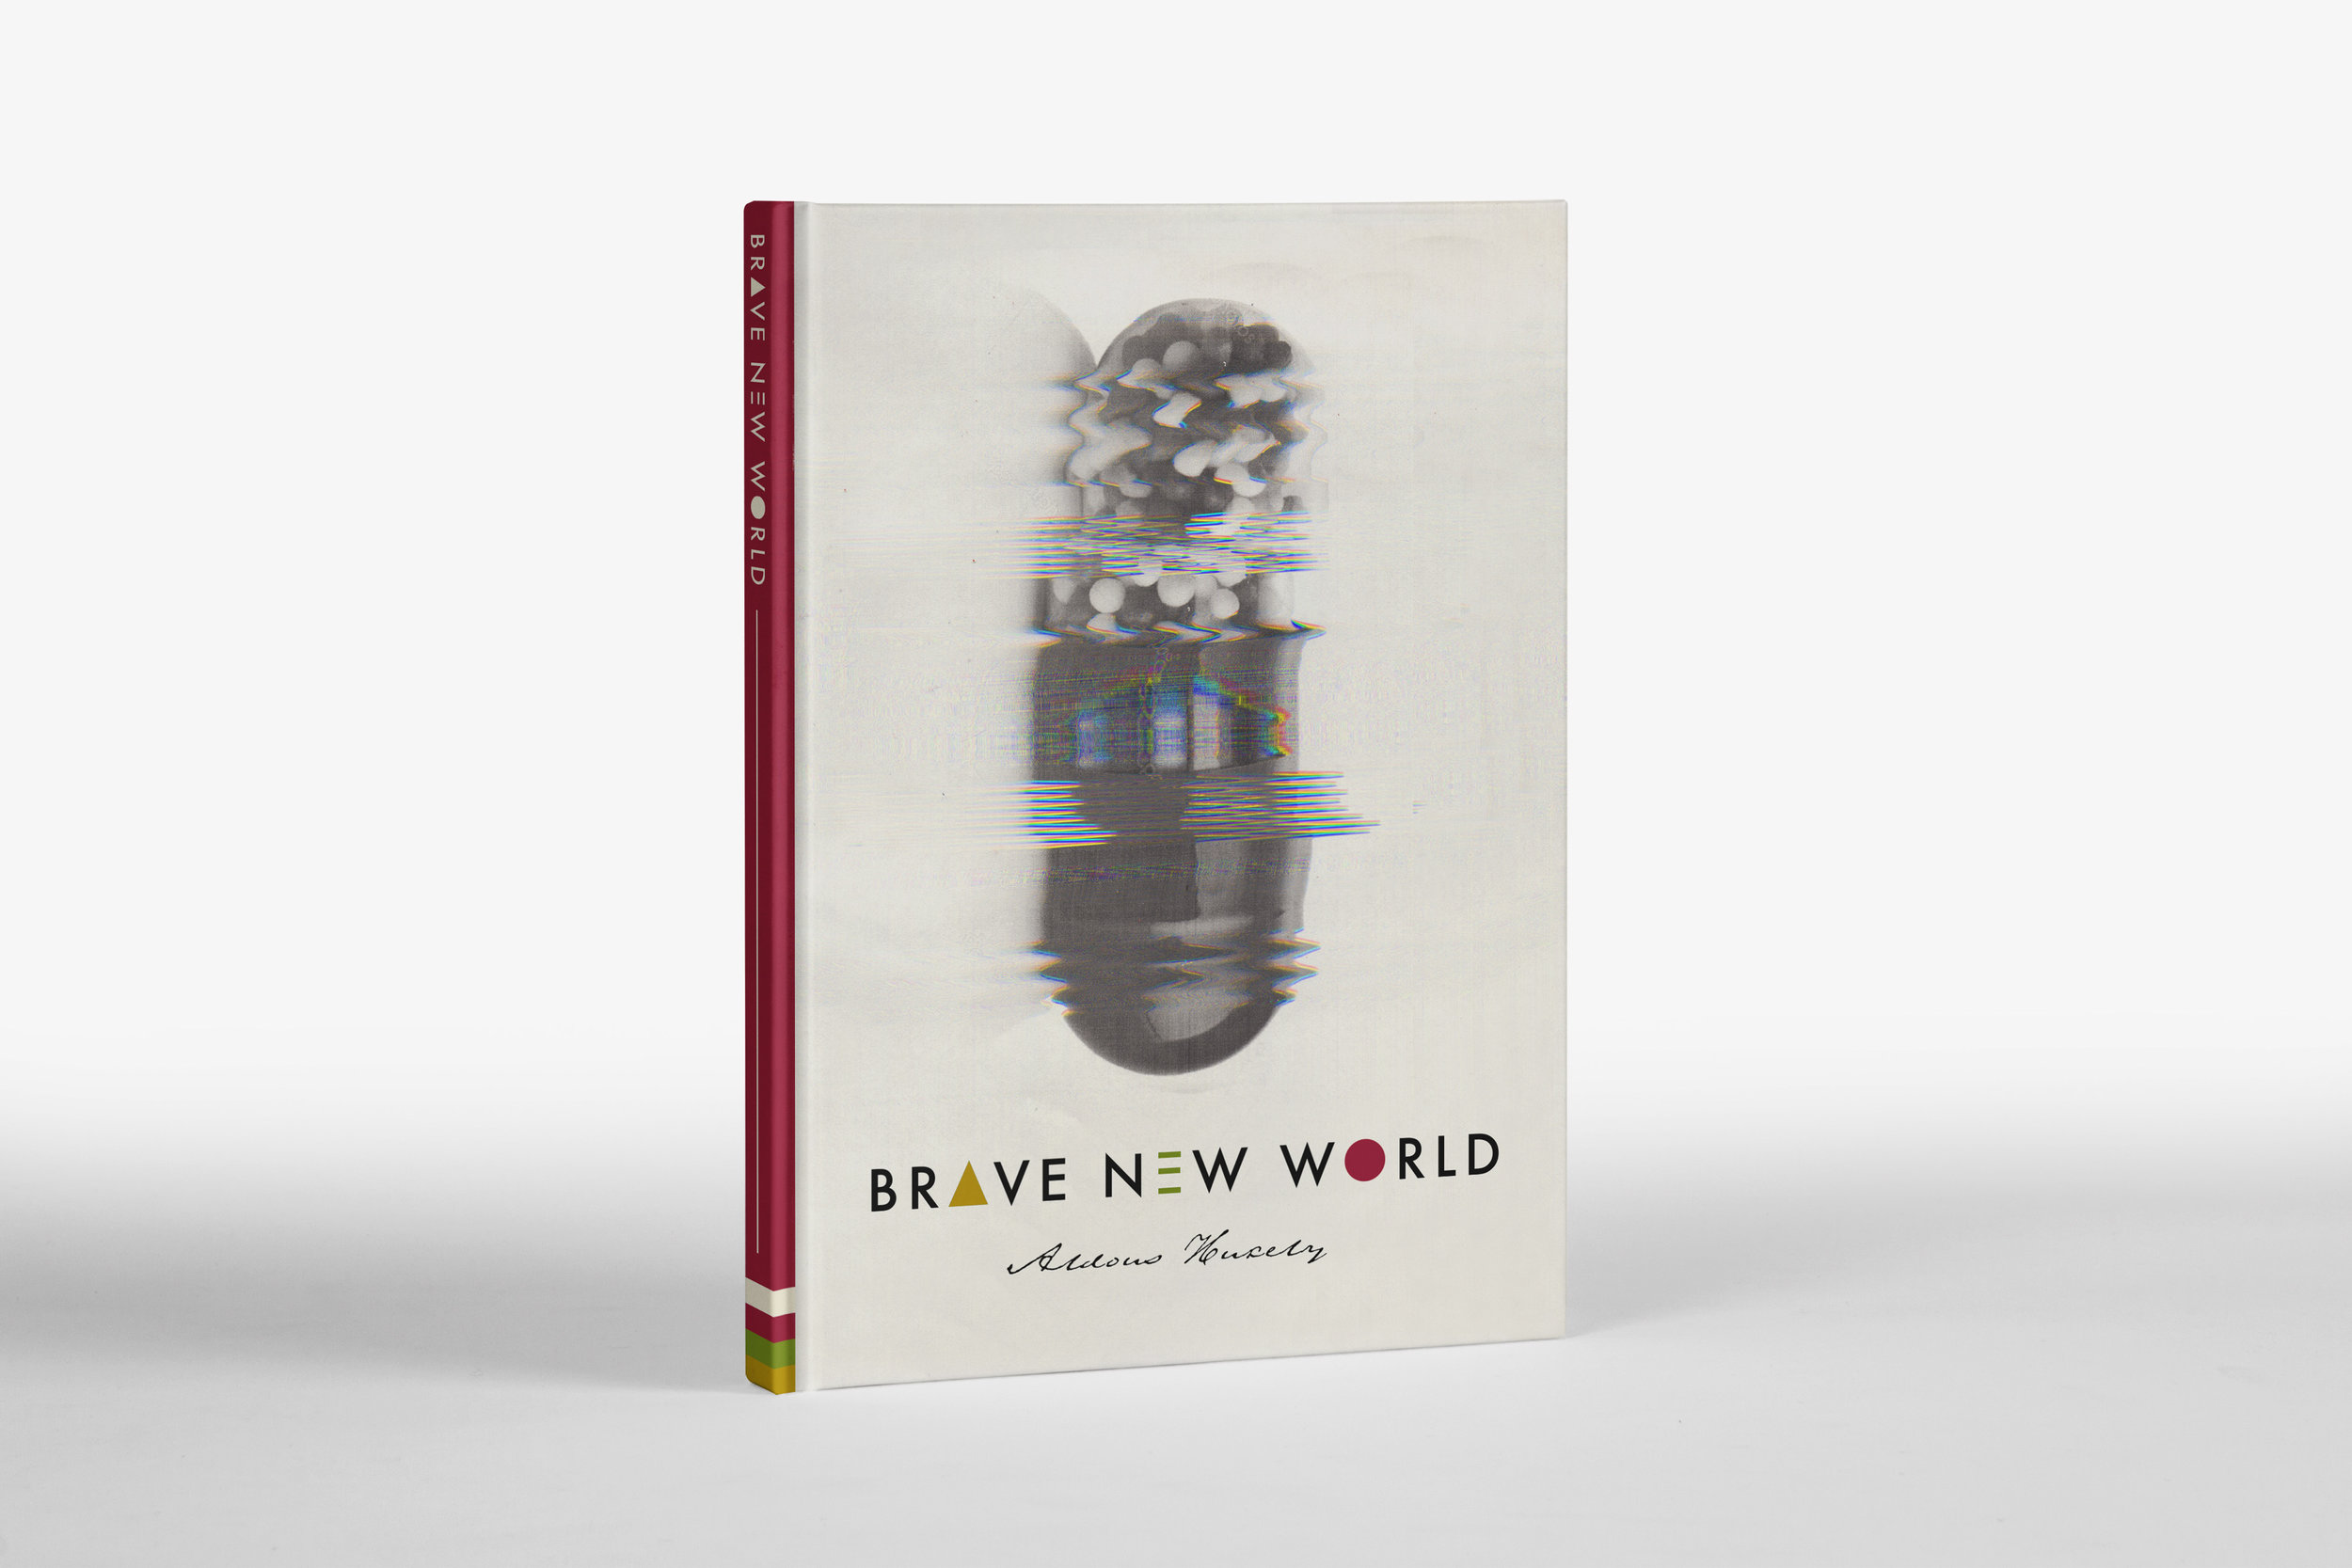 BRAVE NEW WORLD FINAL FINAL.jpg